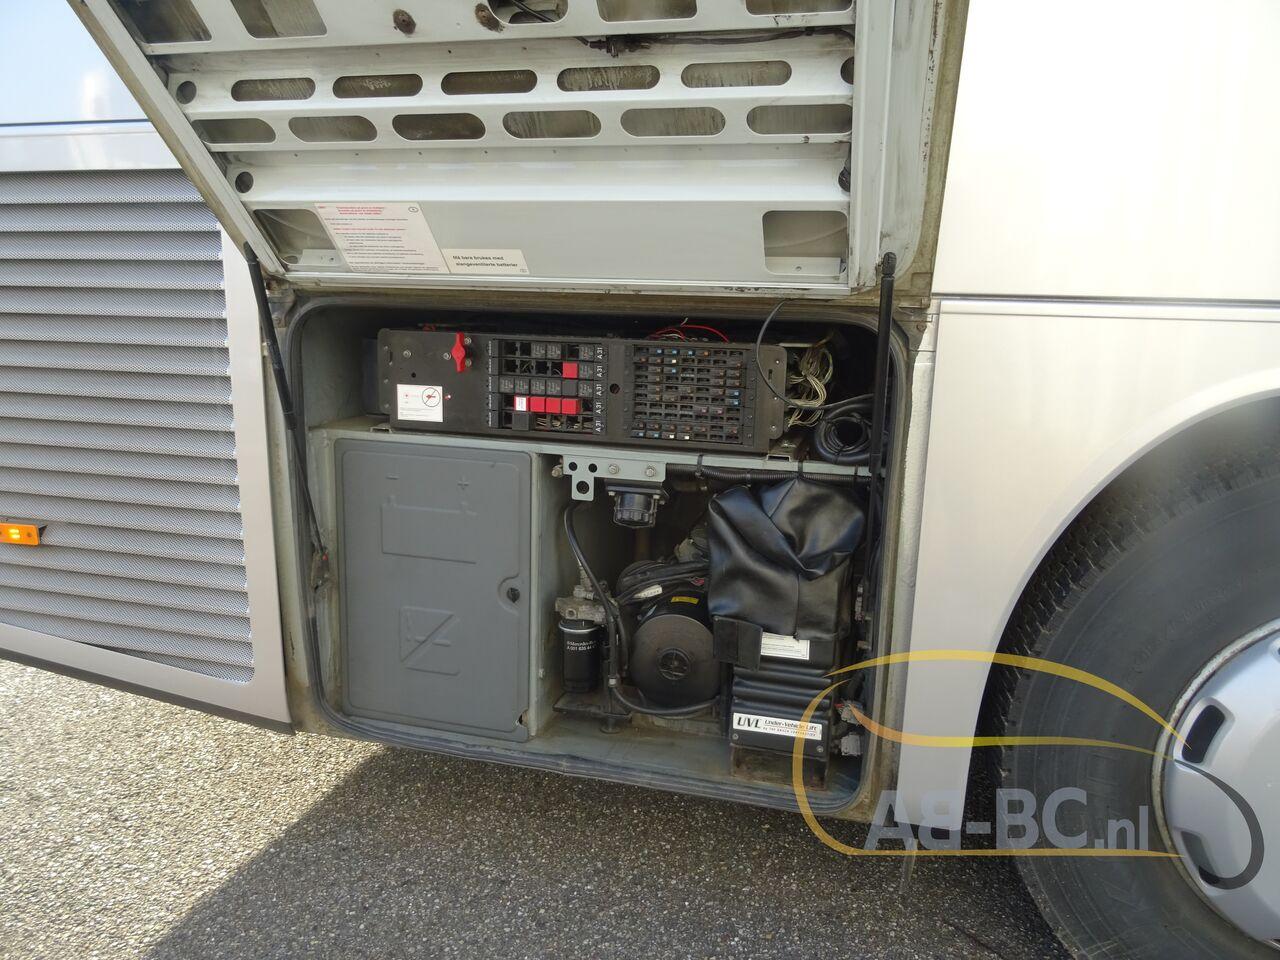 coach-bus-SETRA-S415H-52-Seats-EURO-6-Liftbus---1630913018394978115_big_5a608ea11abec7d3083eb76f839e0771--21070517141280735500